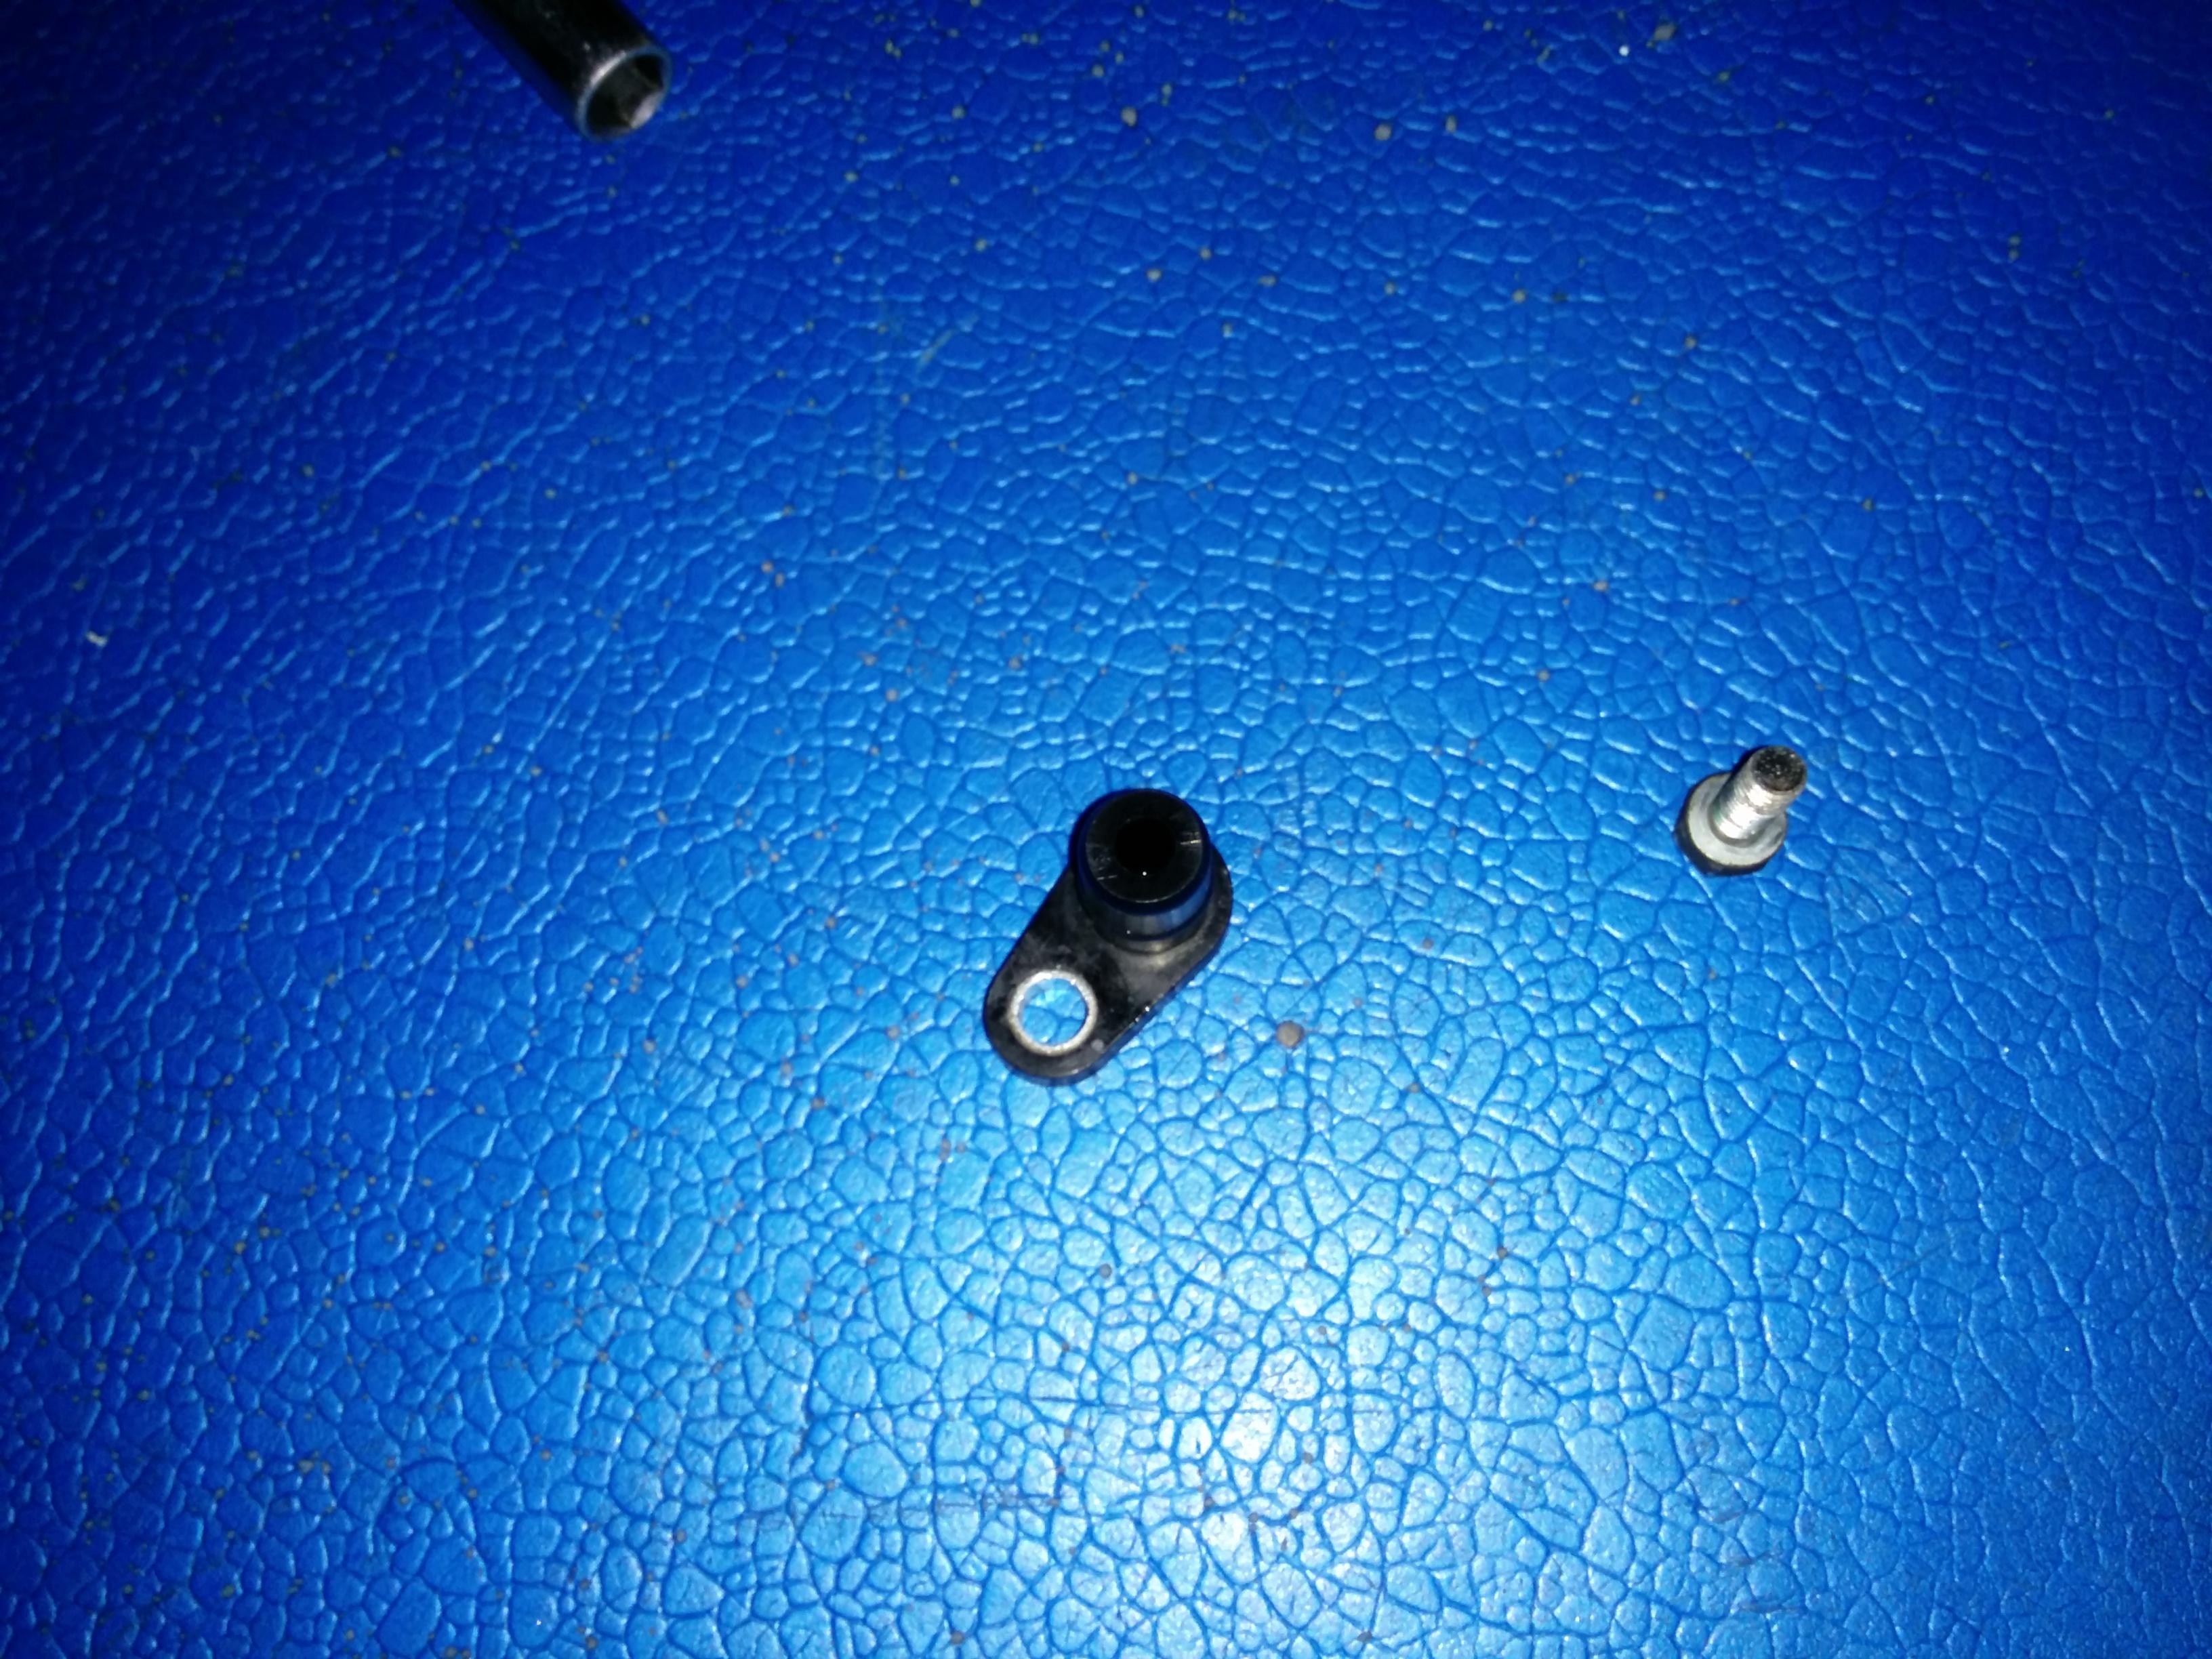 new used toyota vitz dba ksp be forward auto parts fuse